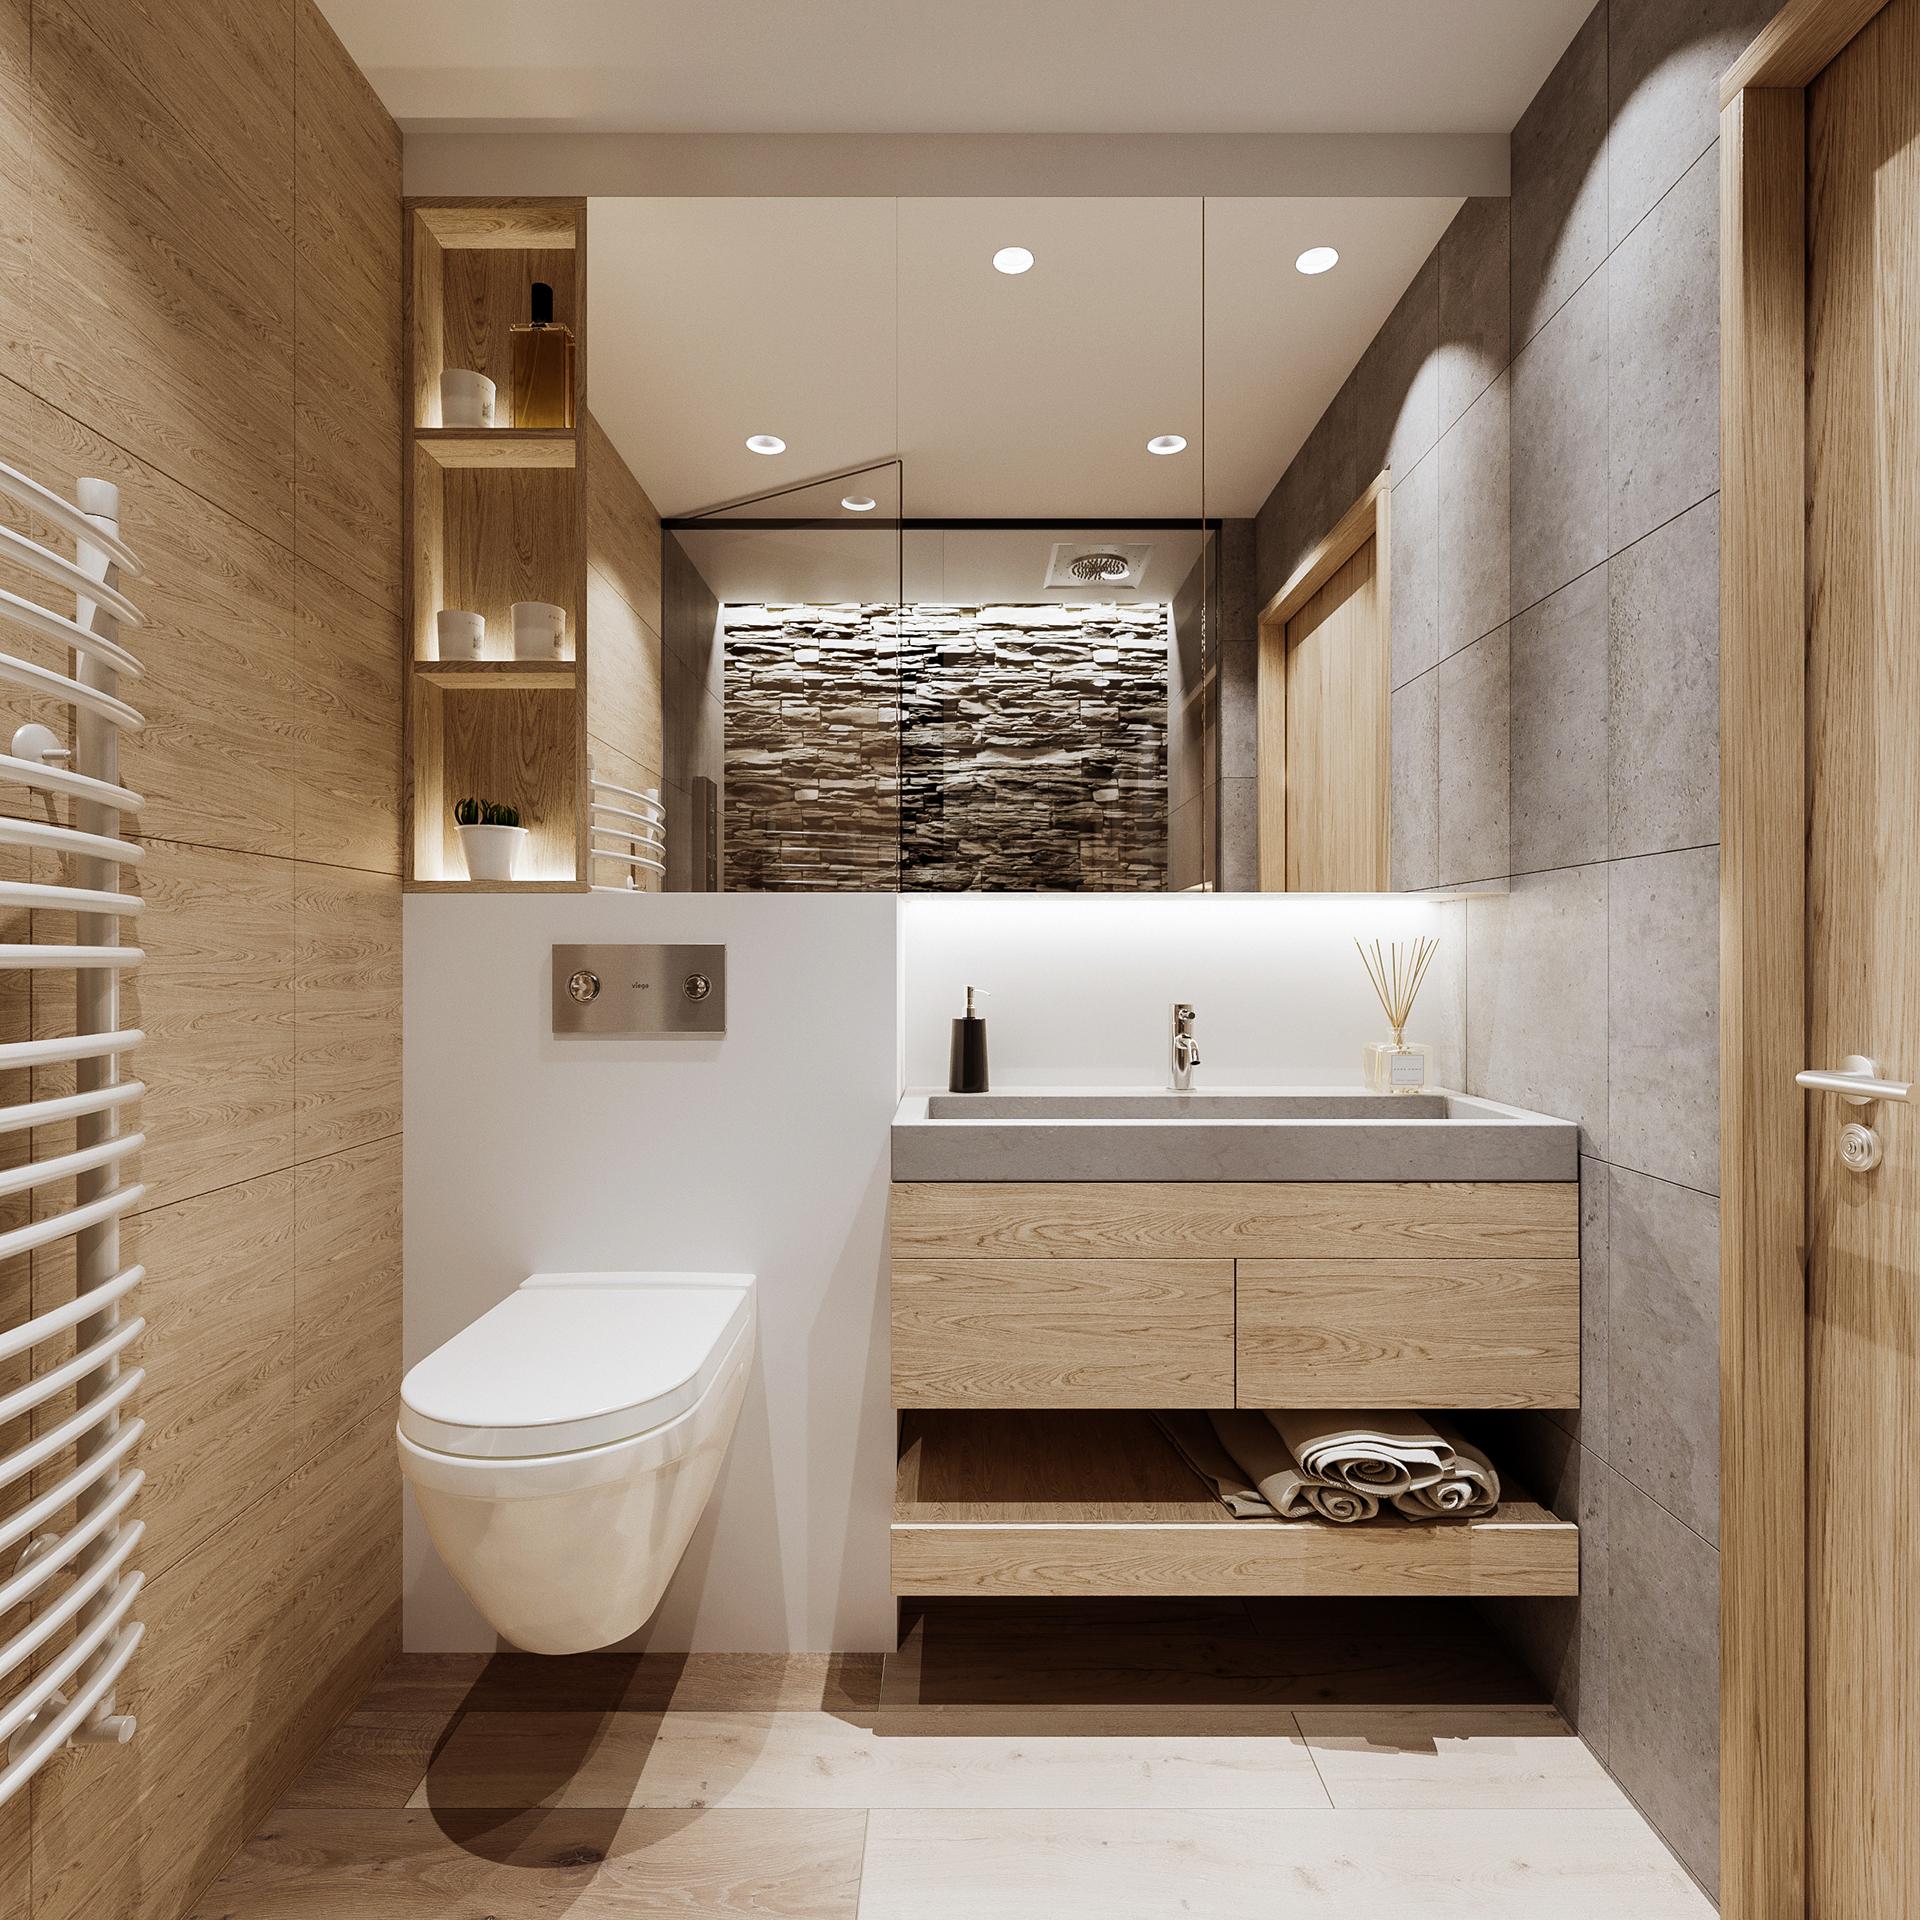 Come arredare un bagno piccolo 7 segreti dell architetto for Arredare piccoli ambienti